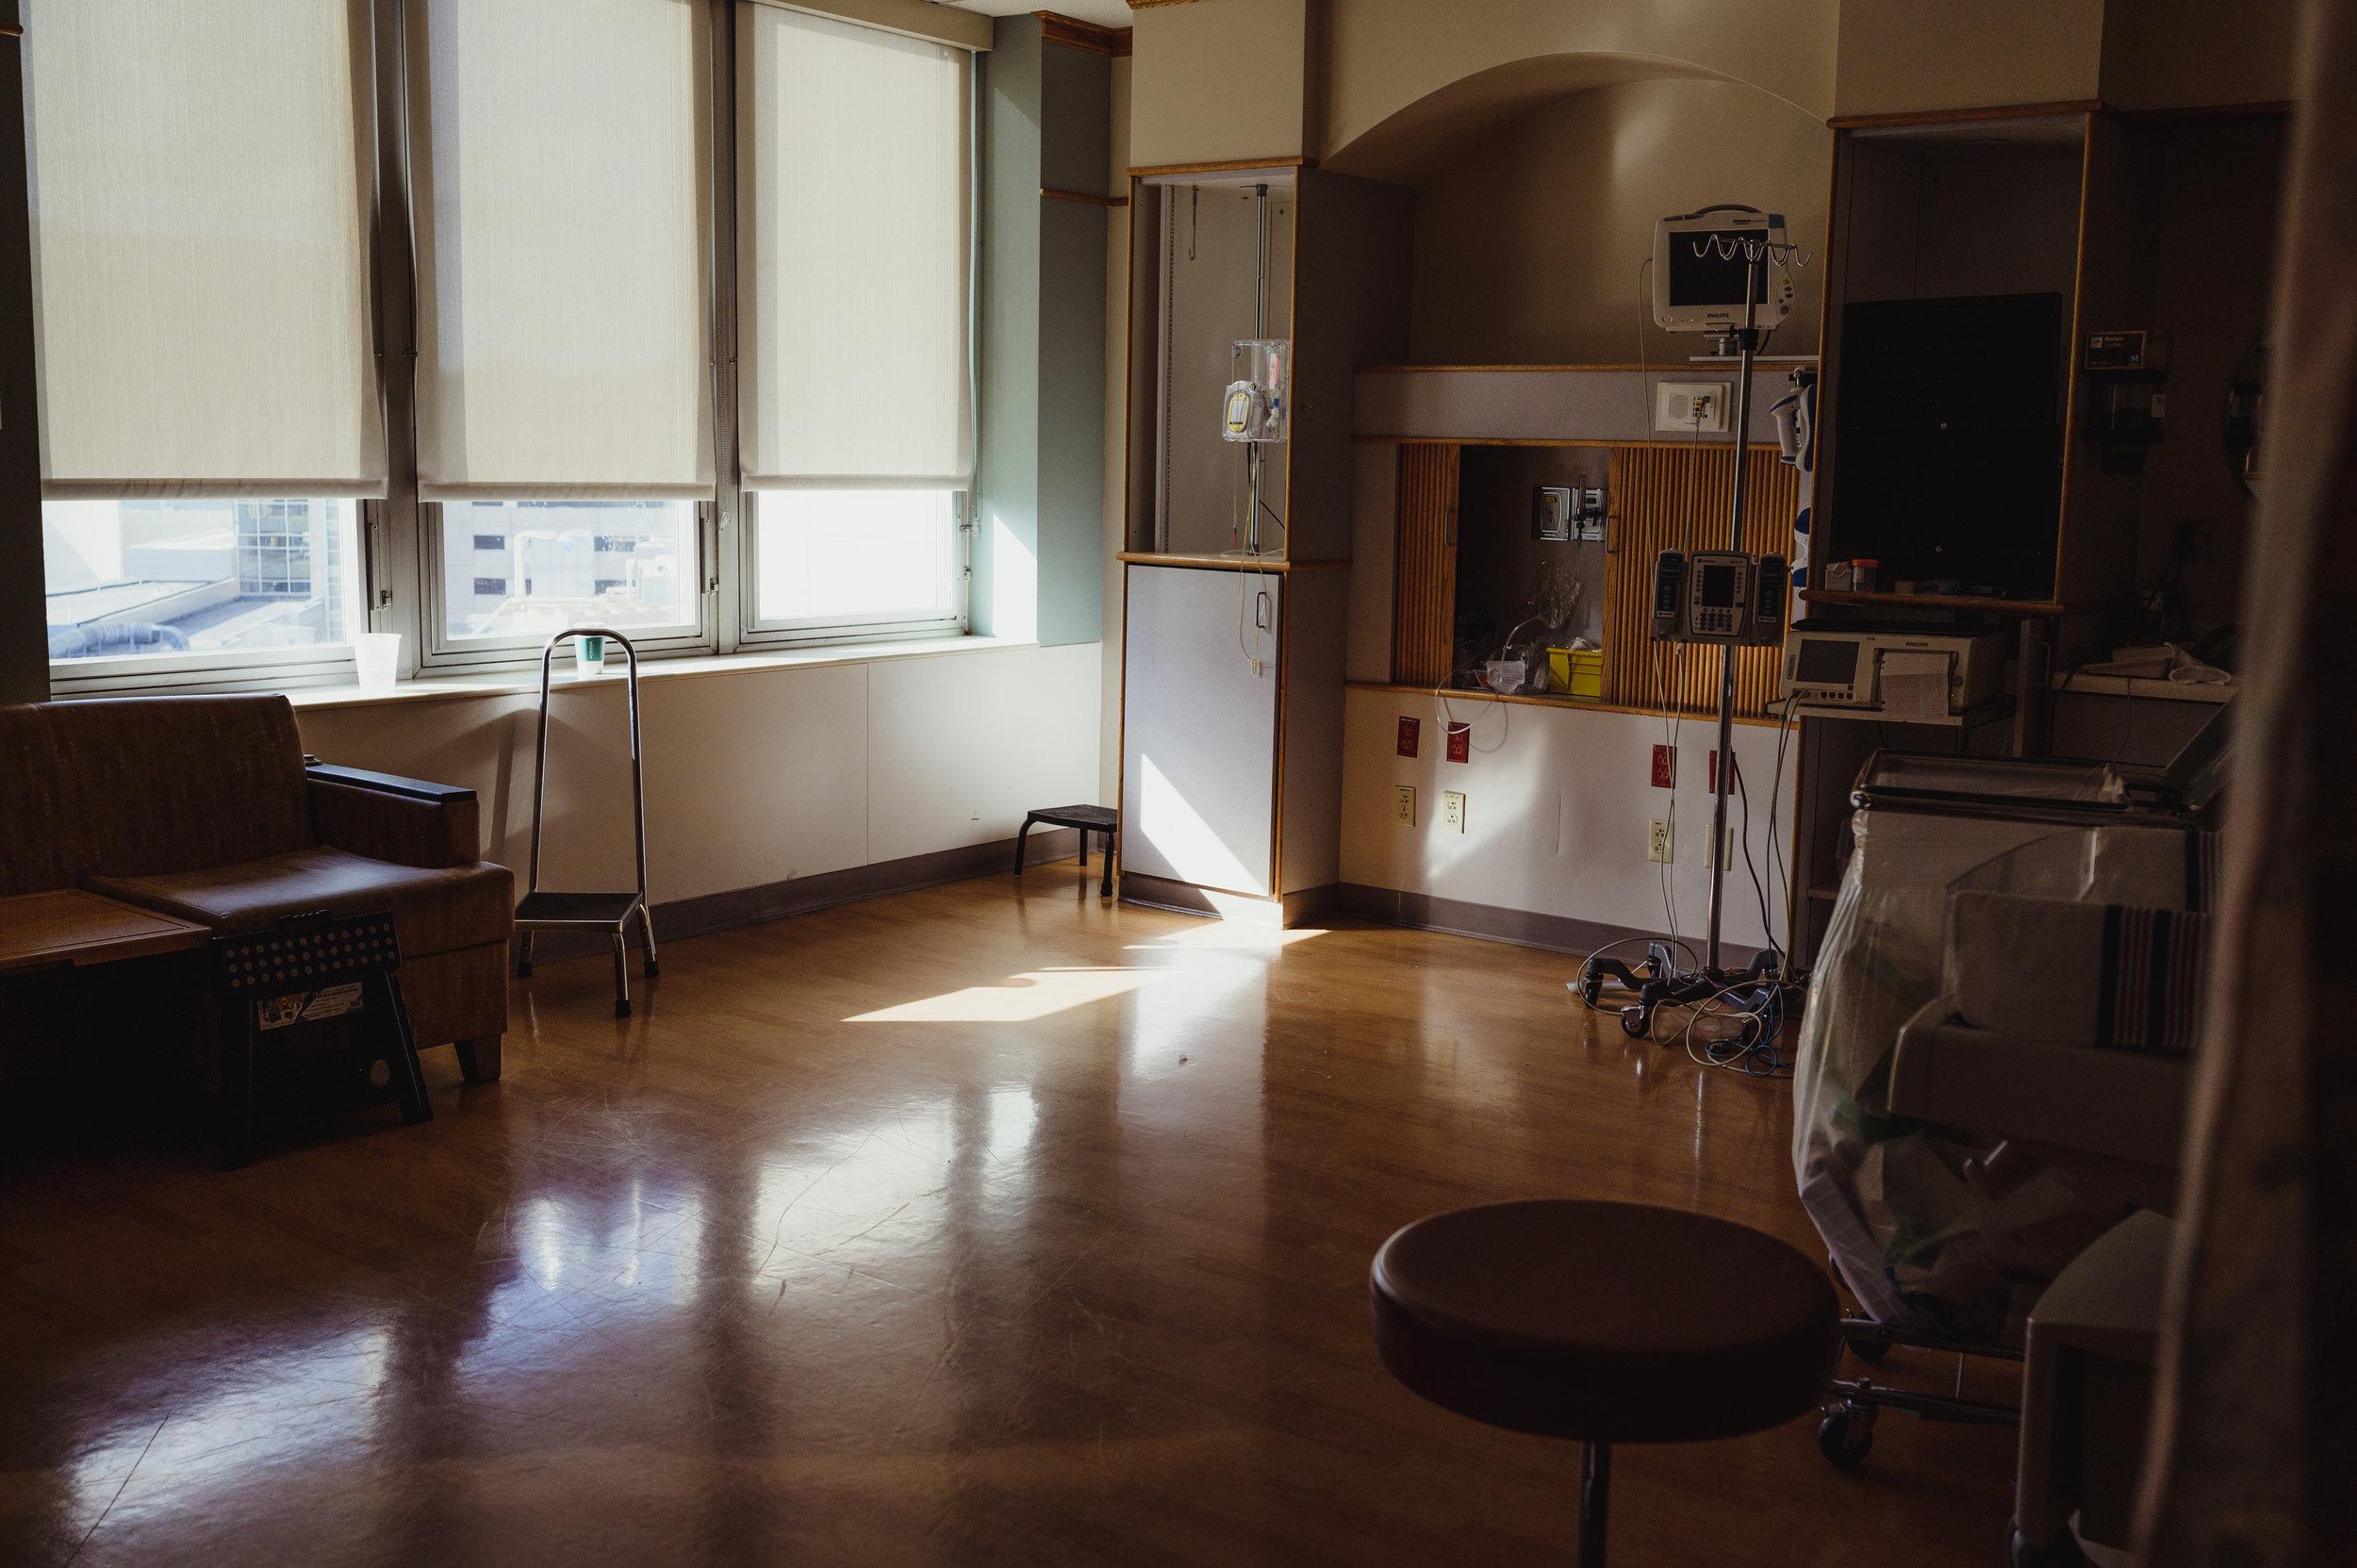 BrittneyHogue-BirthPhotographer-PeoriaIL-6562.jpg